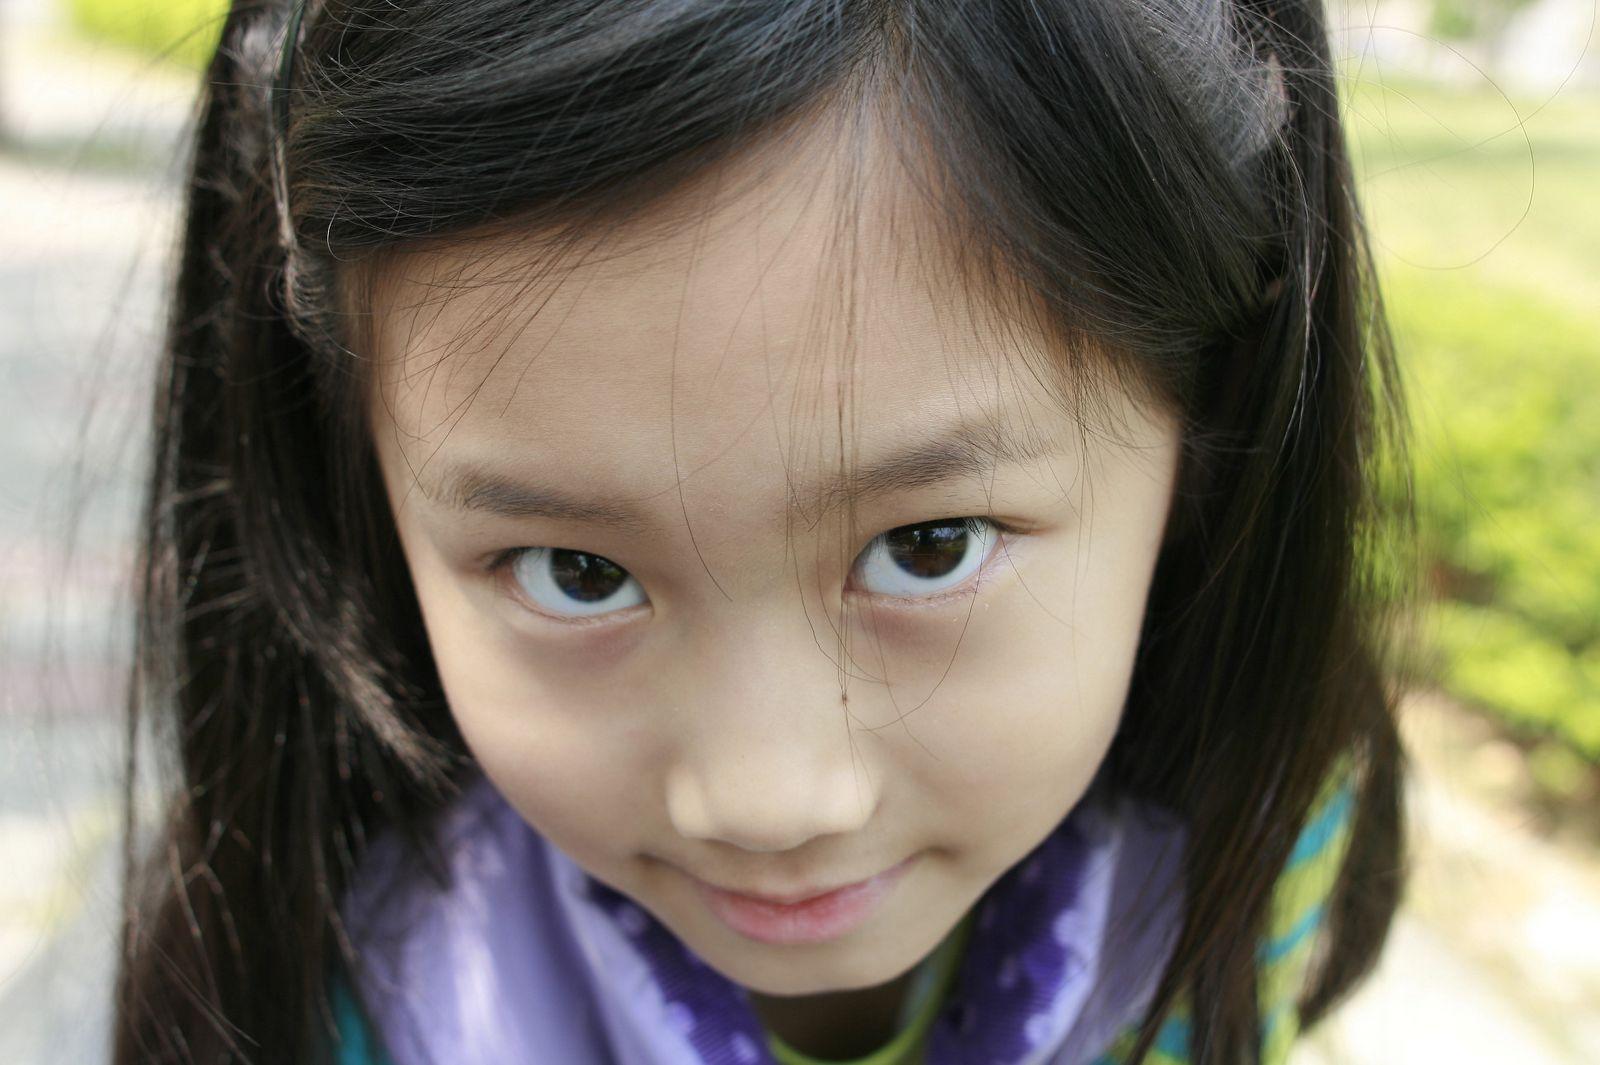 【小中学生】♪美少女らいすっき♪ 386 【天てれ・子役・素人・ボゴOK】 [無断転載禁止]©2ch.netYouTube動画>40本 ->画像>2403枚